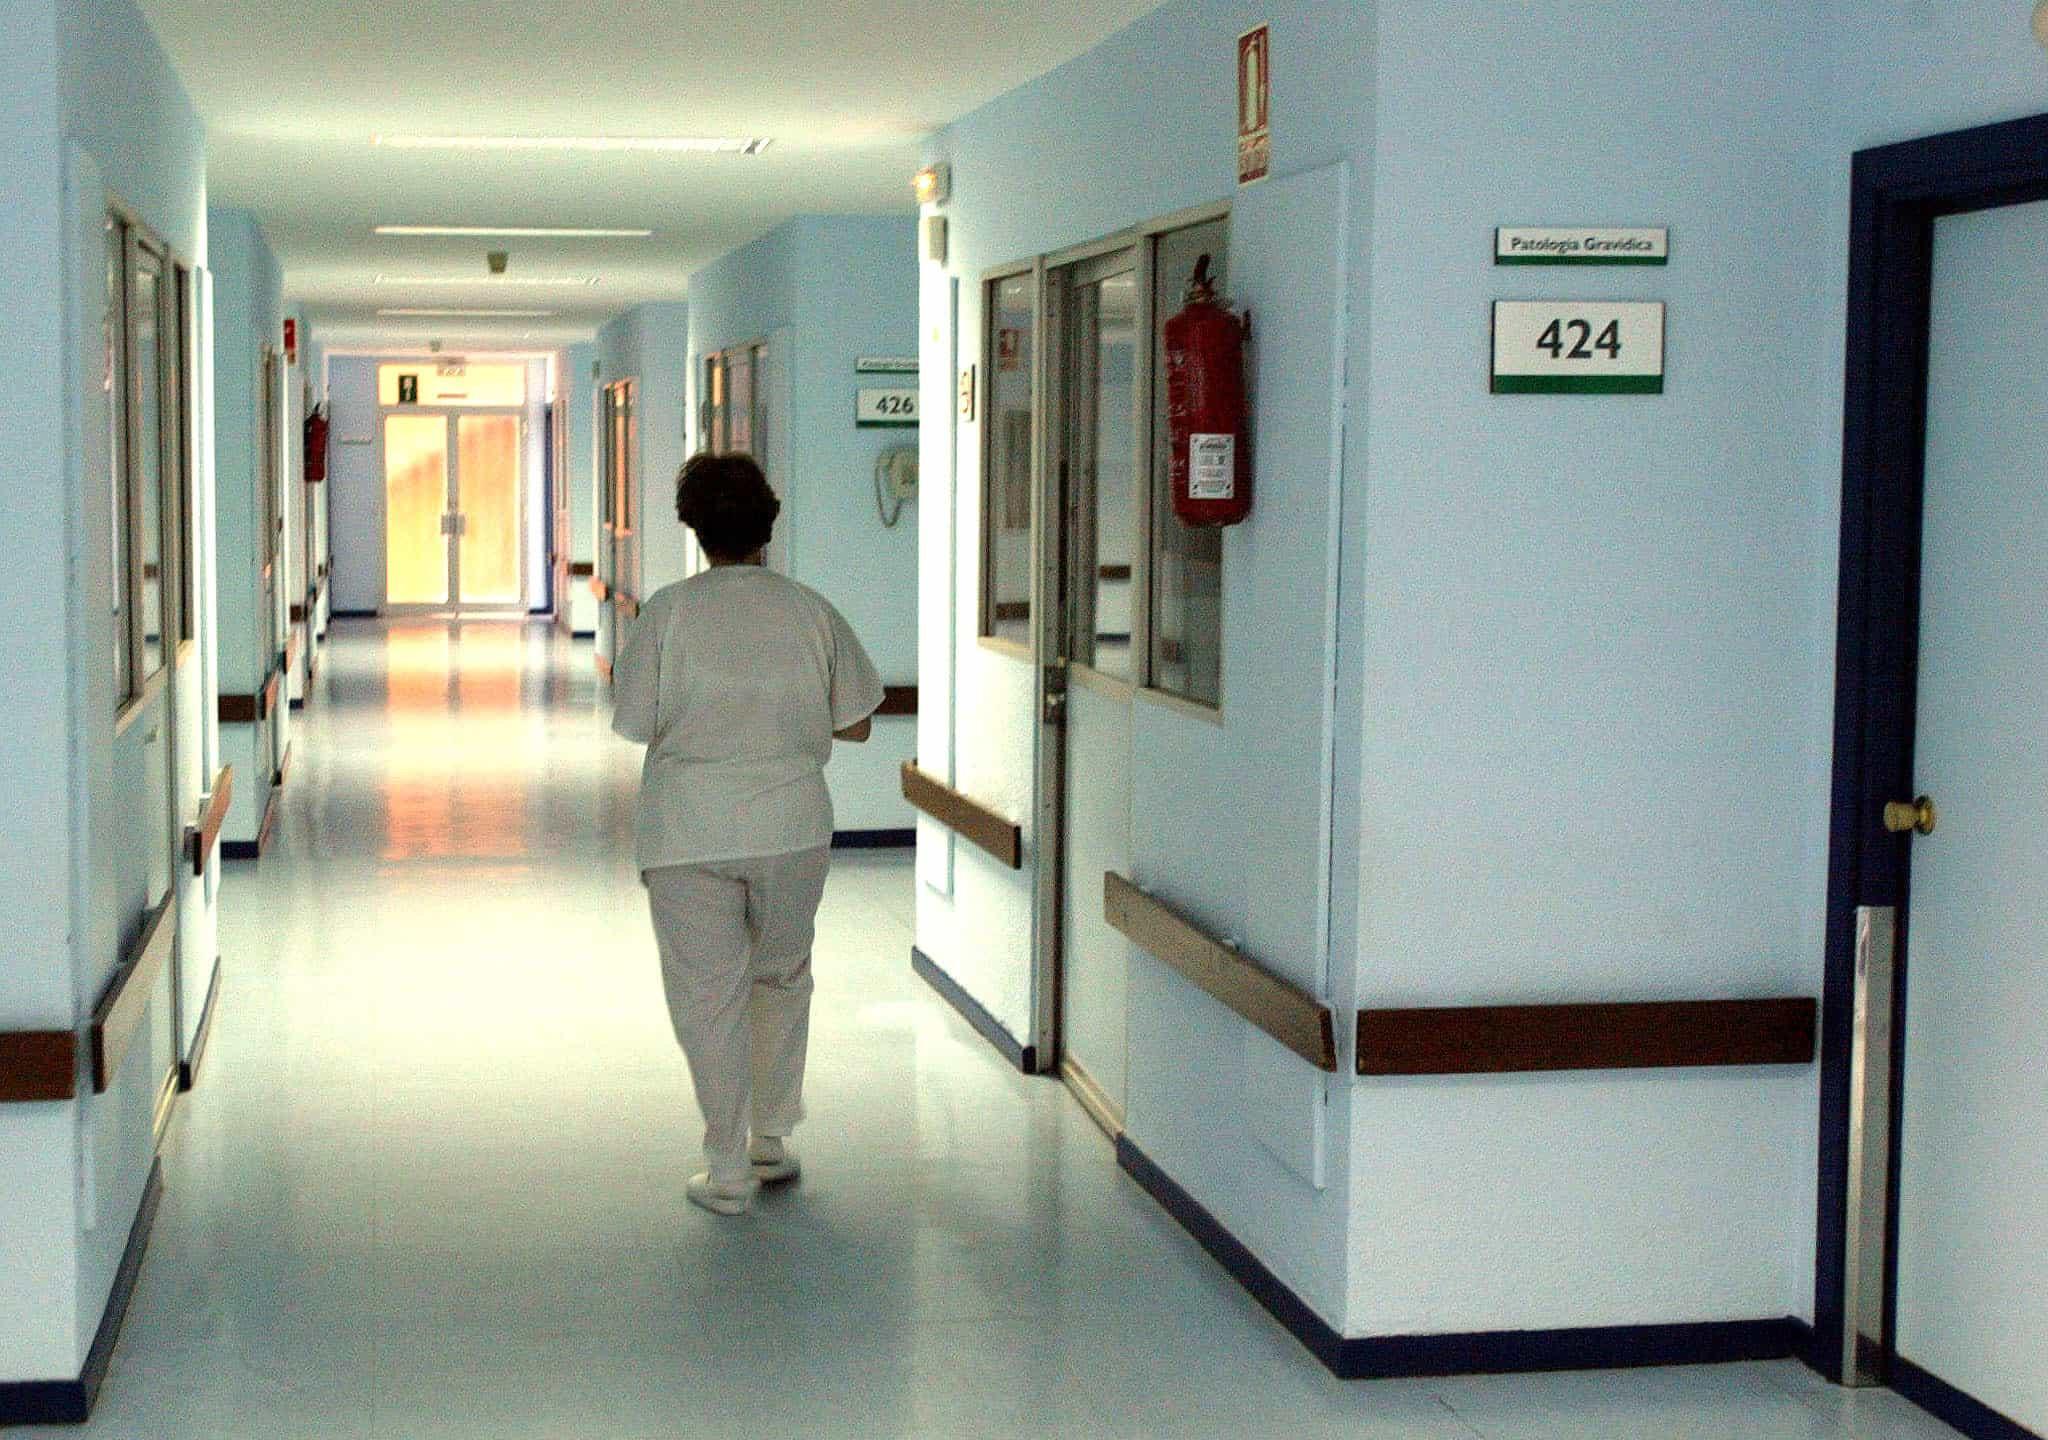 Estudo encomendado por privados propõe reduzir isenções na ADSE